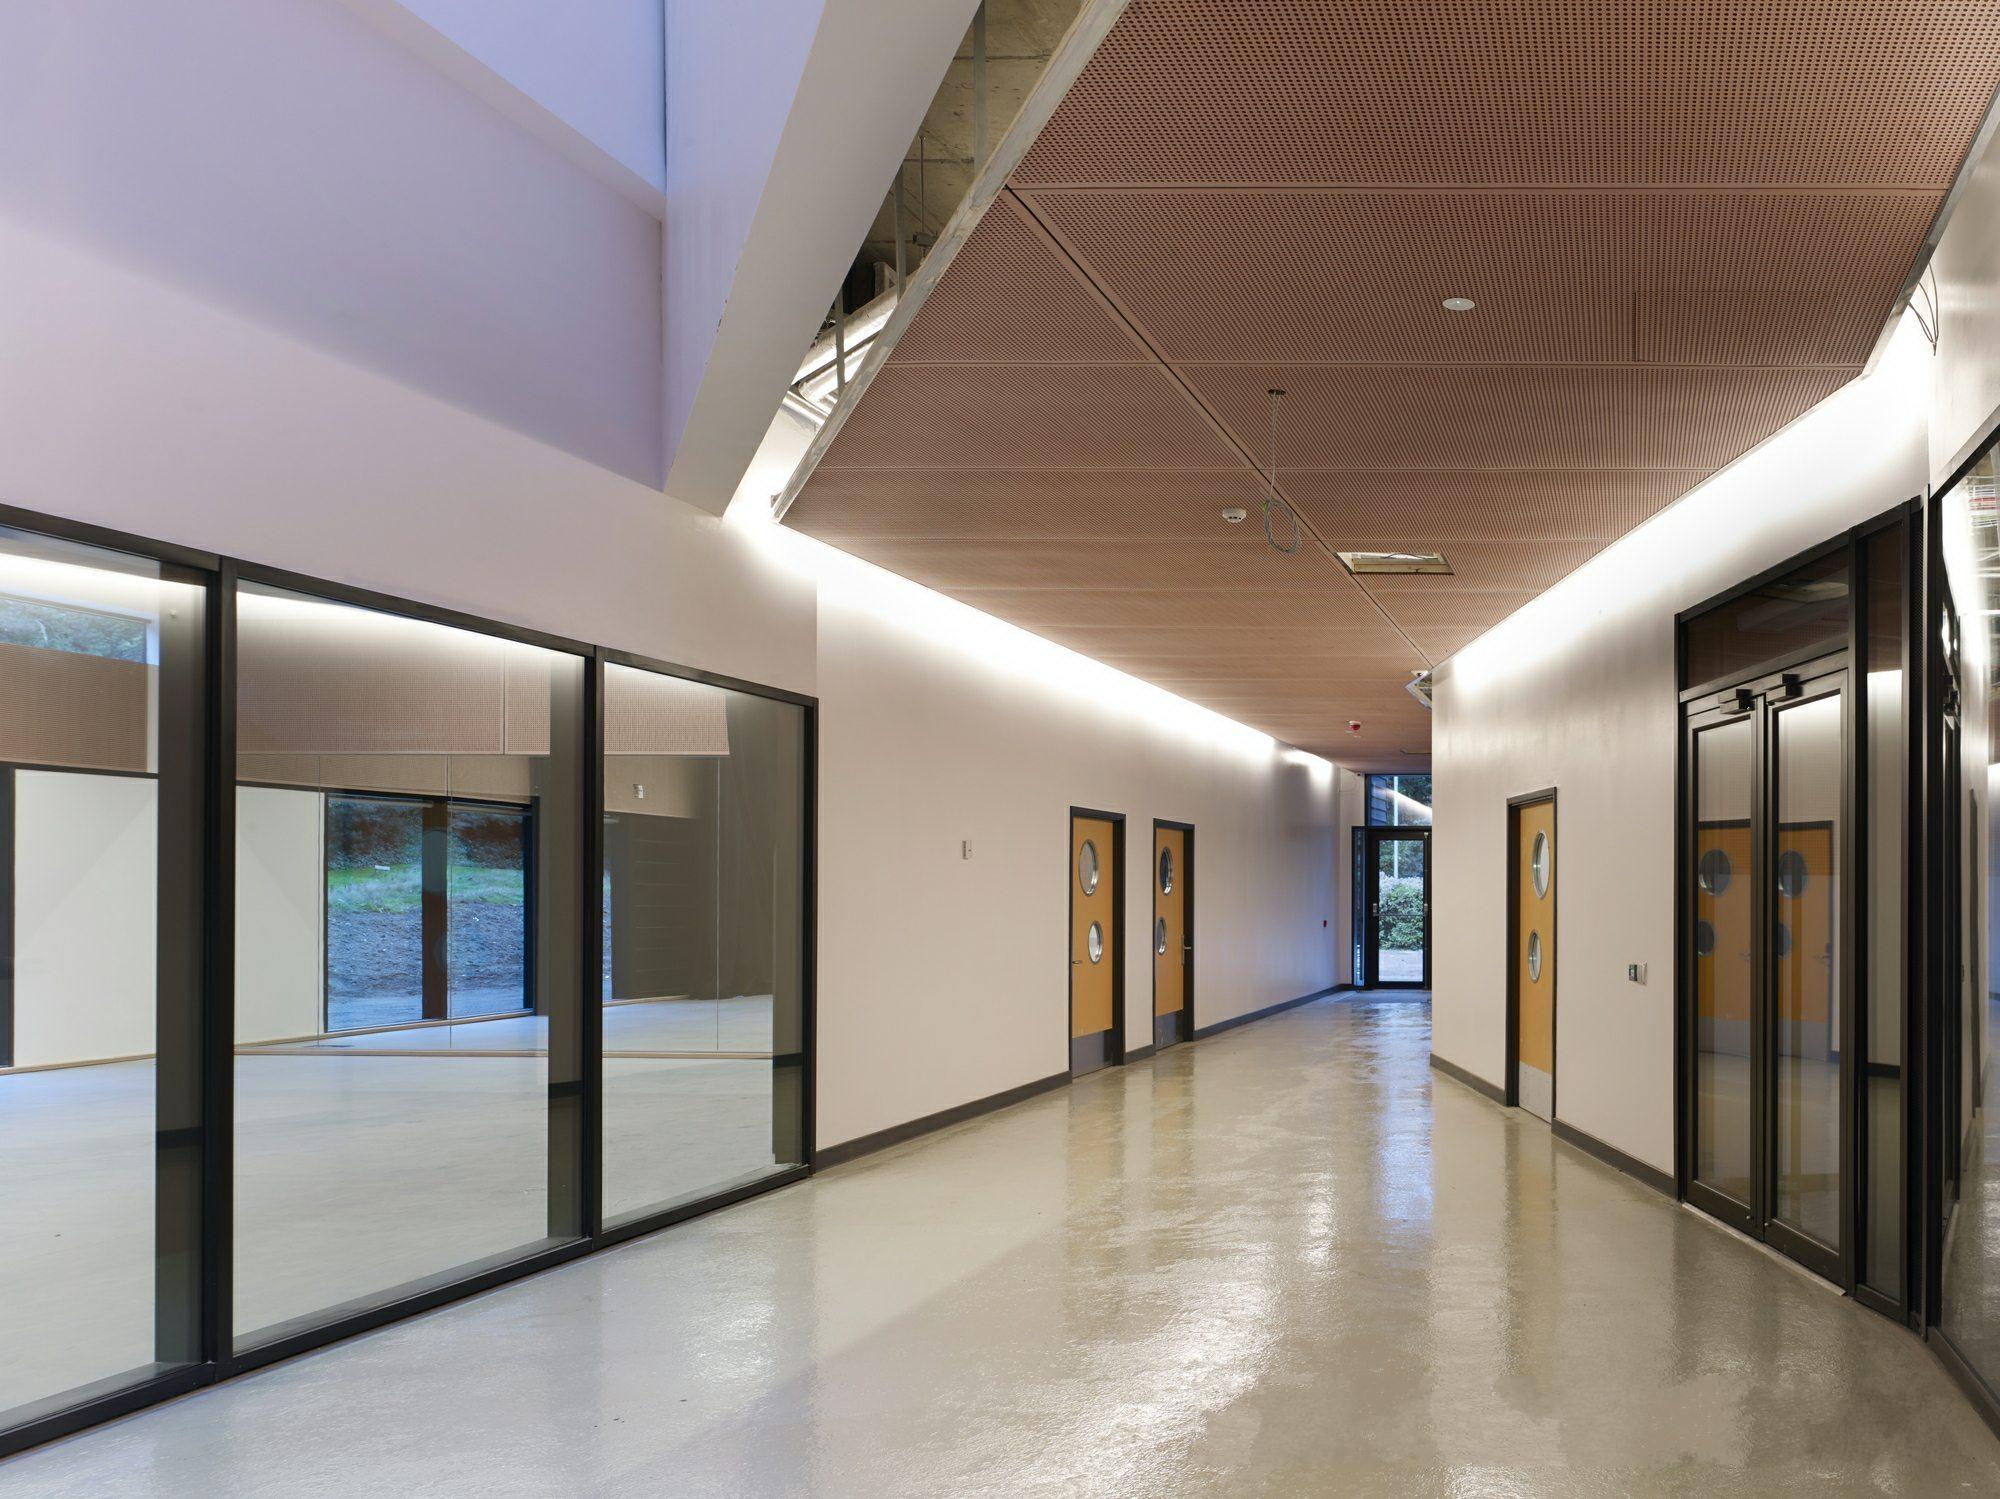 学院建筑是学校的教育风格的直接体现,如果具有自己独特的风格和创意,不仅可以形成学校的标志性建筑,也可以体现学院的教学规划意向,在英国诺维奇就建造了这么一个学院,落地面积2700平方米。    一层空间更多的使用了玻璃幕墙,增加了各处的可视性,穿过舞蹈教室便可以来到后花园,玻璃天窗的设计更是给舞蹈厅了的学生 了自然光线。二层的设计更像是一个大阁楼,开放的环境使人们仿佛置身与一个画廊中。透过穿孔的窗口可以看见外面的风景。在杆上的垂直尾翼遮挡较低层的西晒。   三层由特制地板打造的空间包括艺术表演排练厅、数字艺